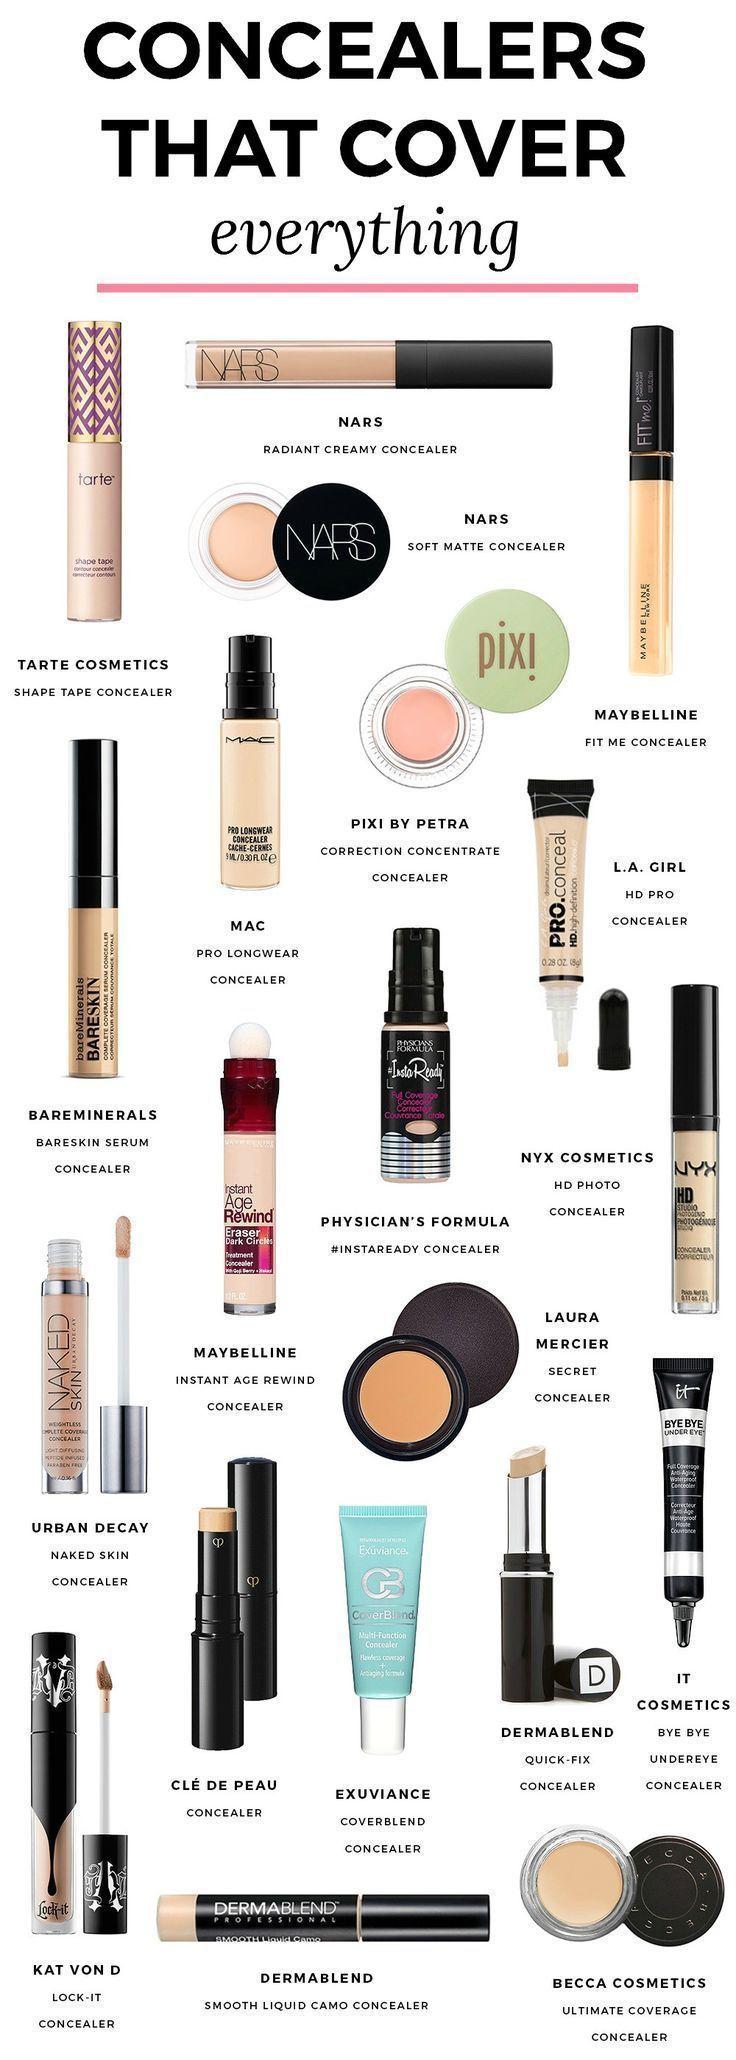 Concealer, die alles abdecken. #makeuptips